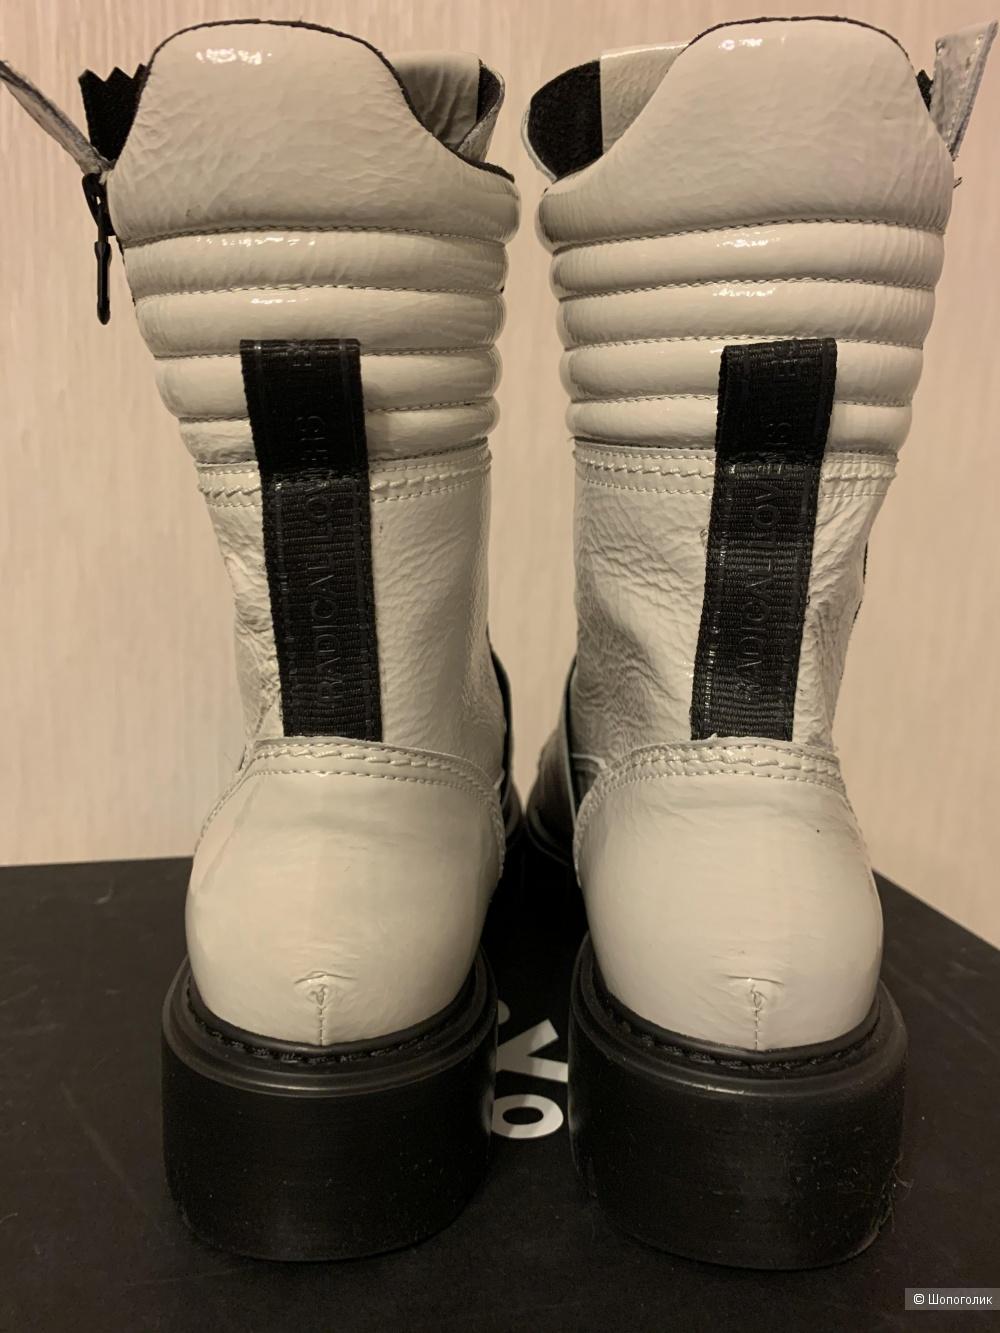 Полусапоги и высокие ботинки O.X.S., 40